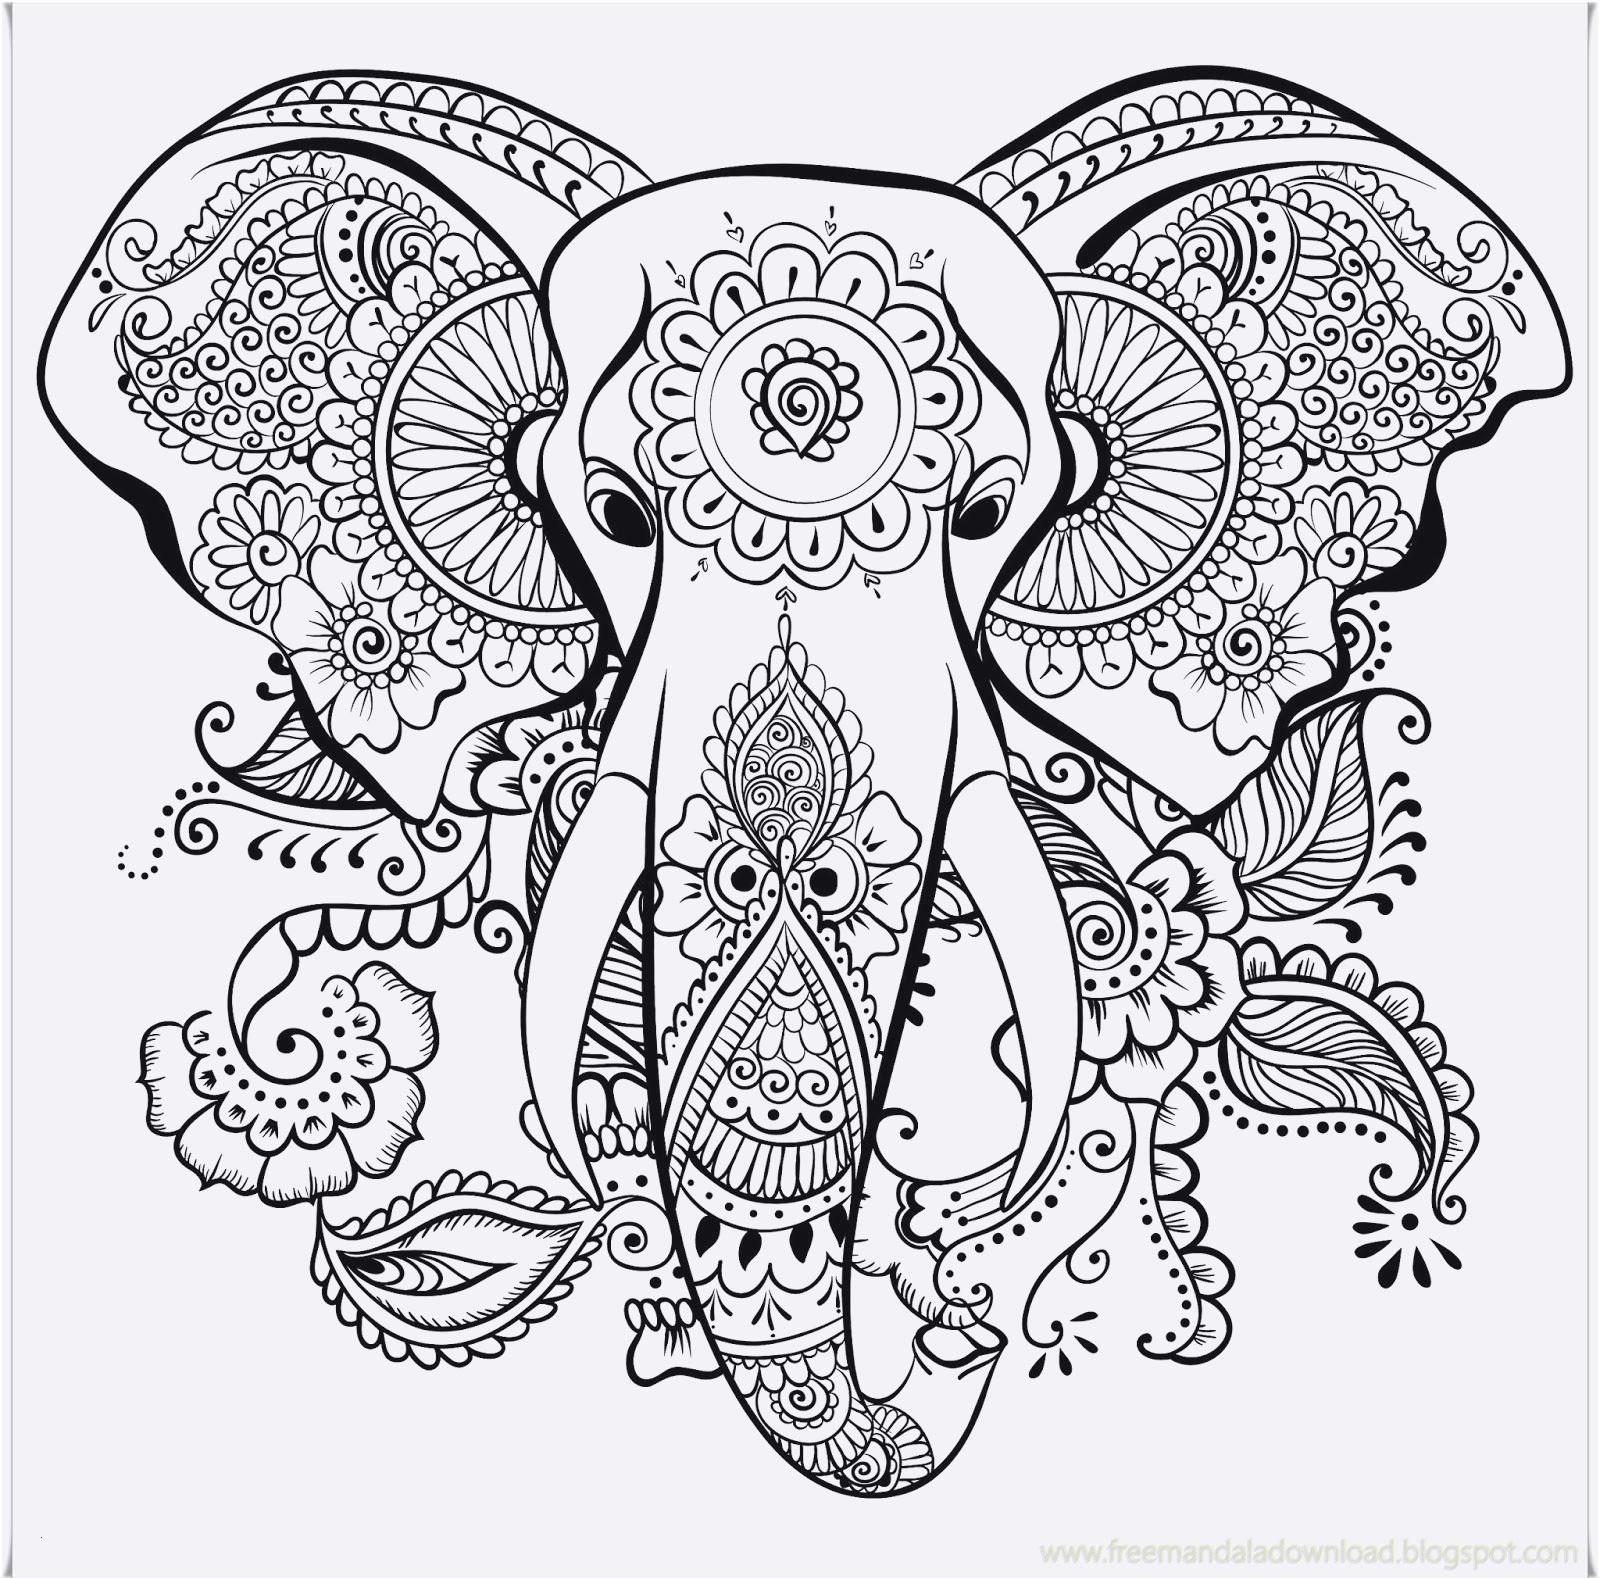 Einhorn Mandala Erwachsene Frisch Pj Mask Ausmalbilder Frisch Tierbilder Zum Ausmalen Und Ausdrucken Galerie